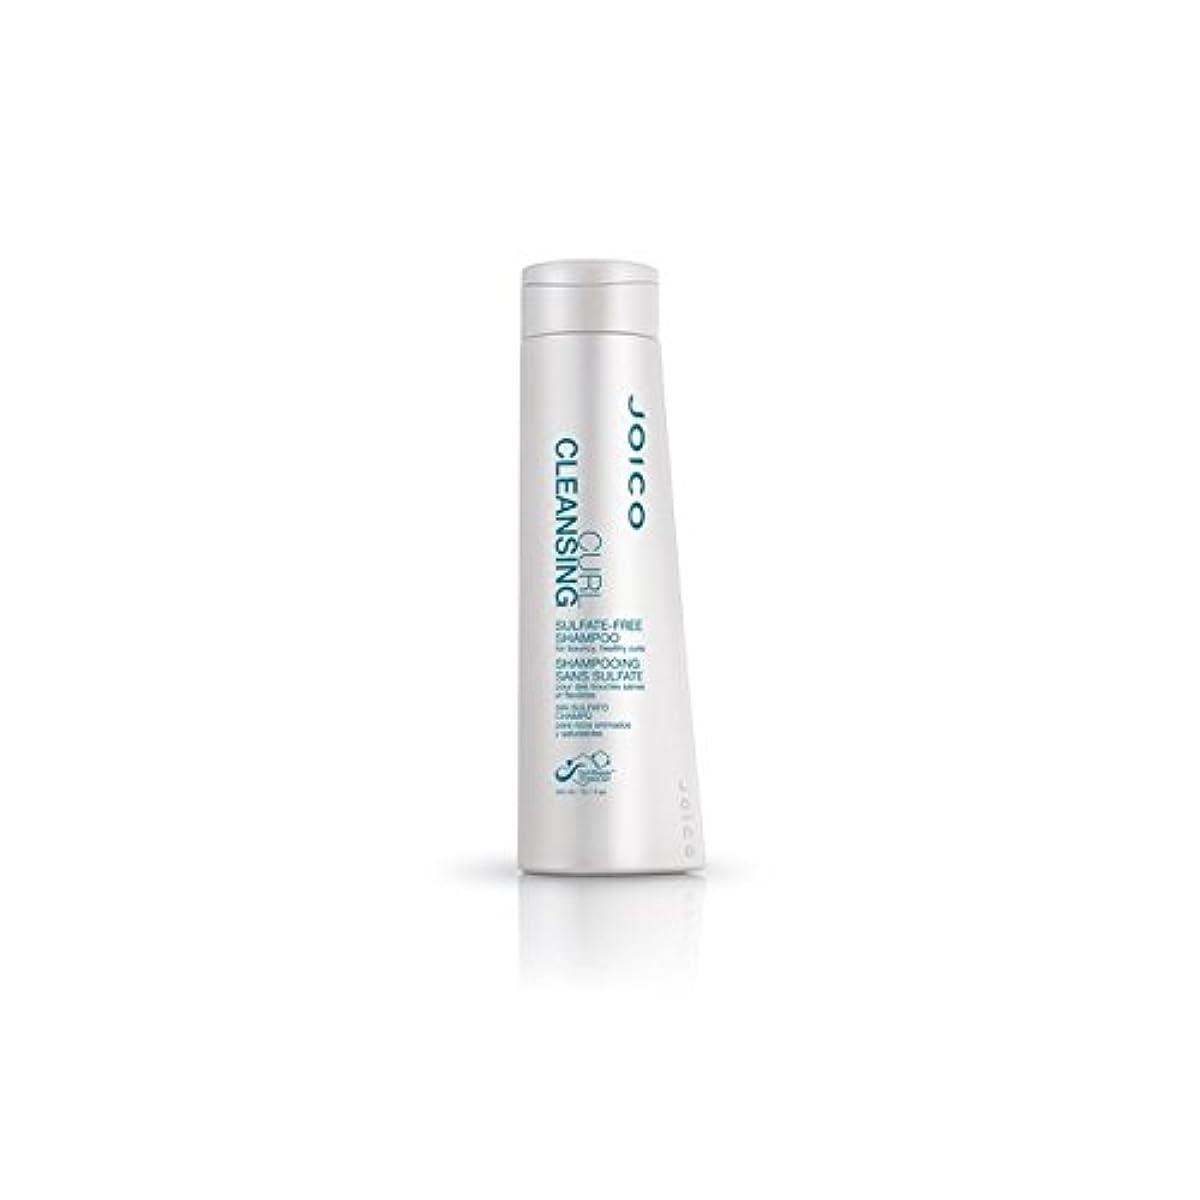 公演レイアリズムJoico Curl Cleansing Sulfate-Free Shampoo For Bouncy, Healthy Curls (300ml) (Pack of 6) - 快活、健康カール用ジョイコカールクレンジング硫酸フリーシャンプー(300ミリリットル) x6 [並行輸入品]